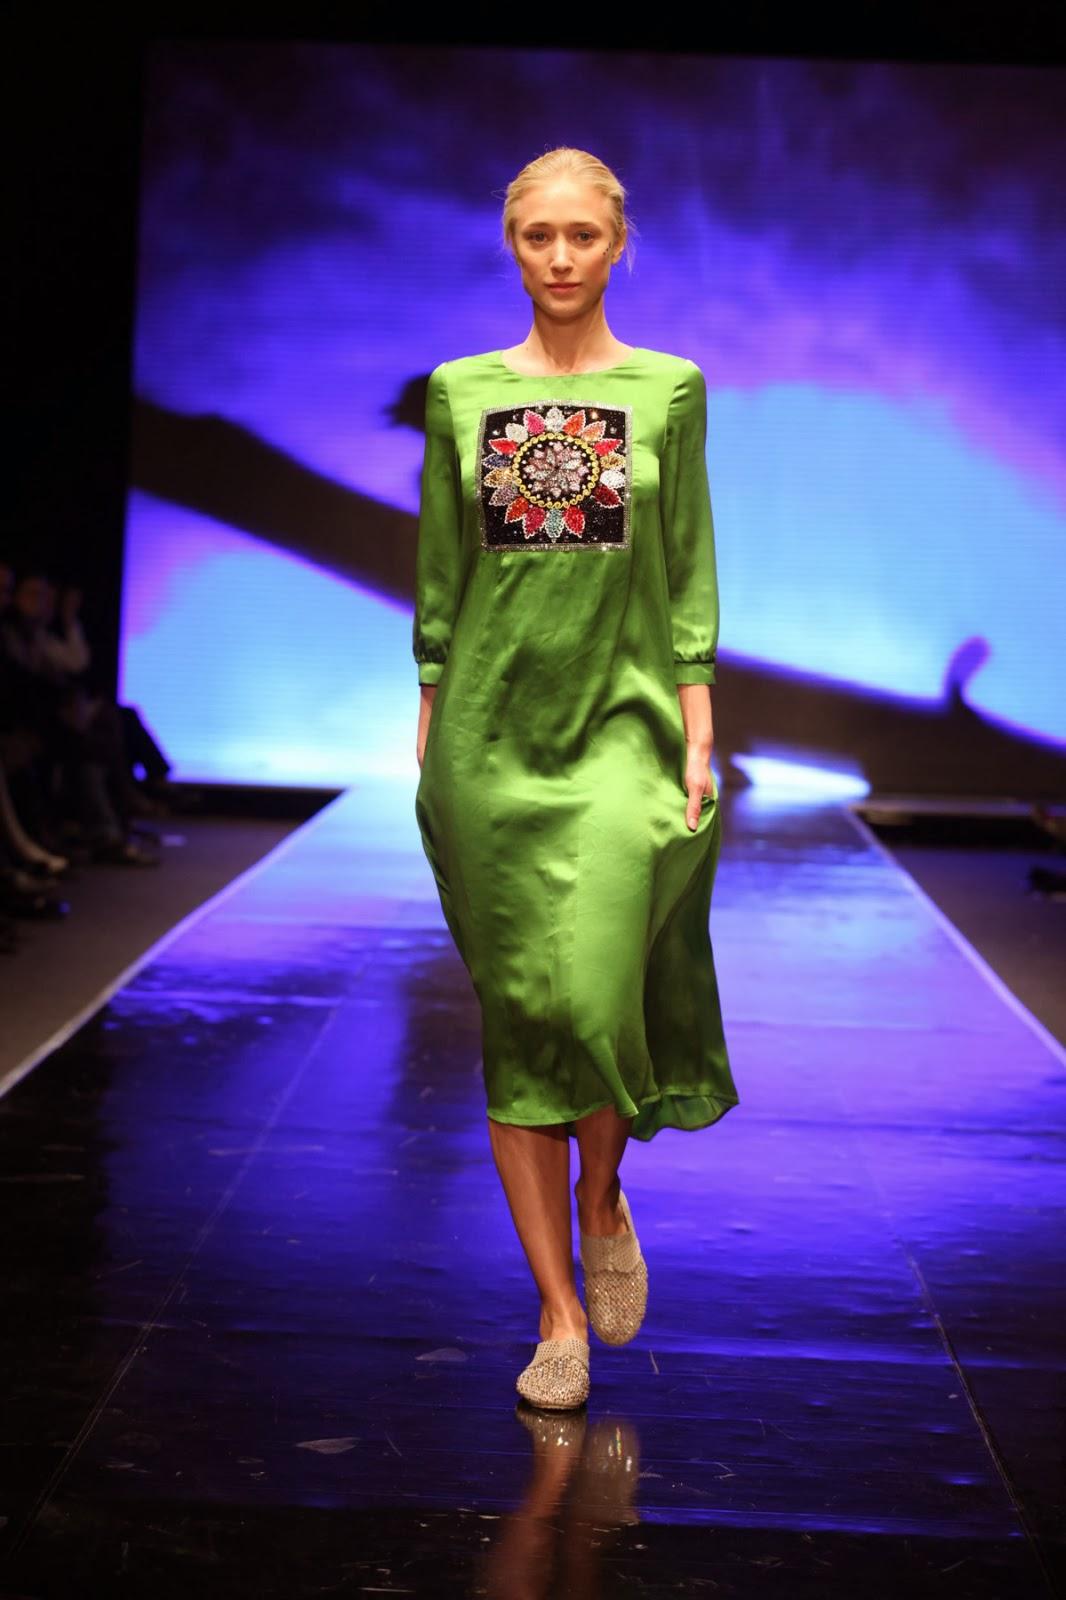 Free Fashion Design Templates Tutorials: Industry Essentials 13